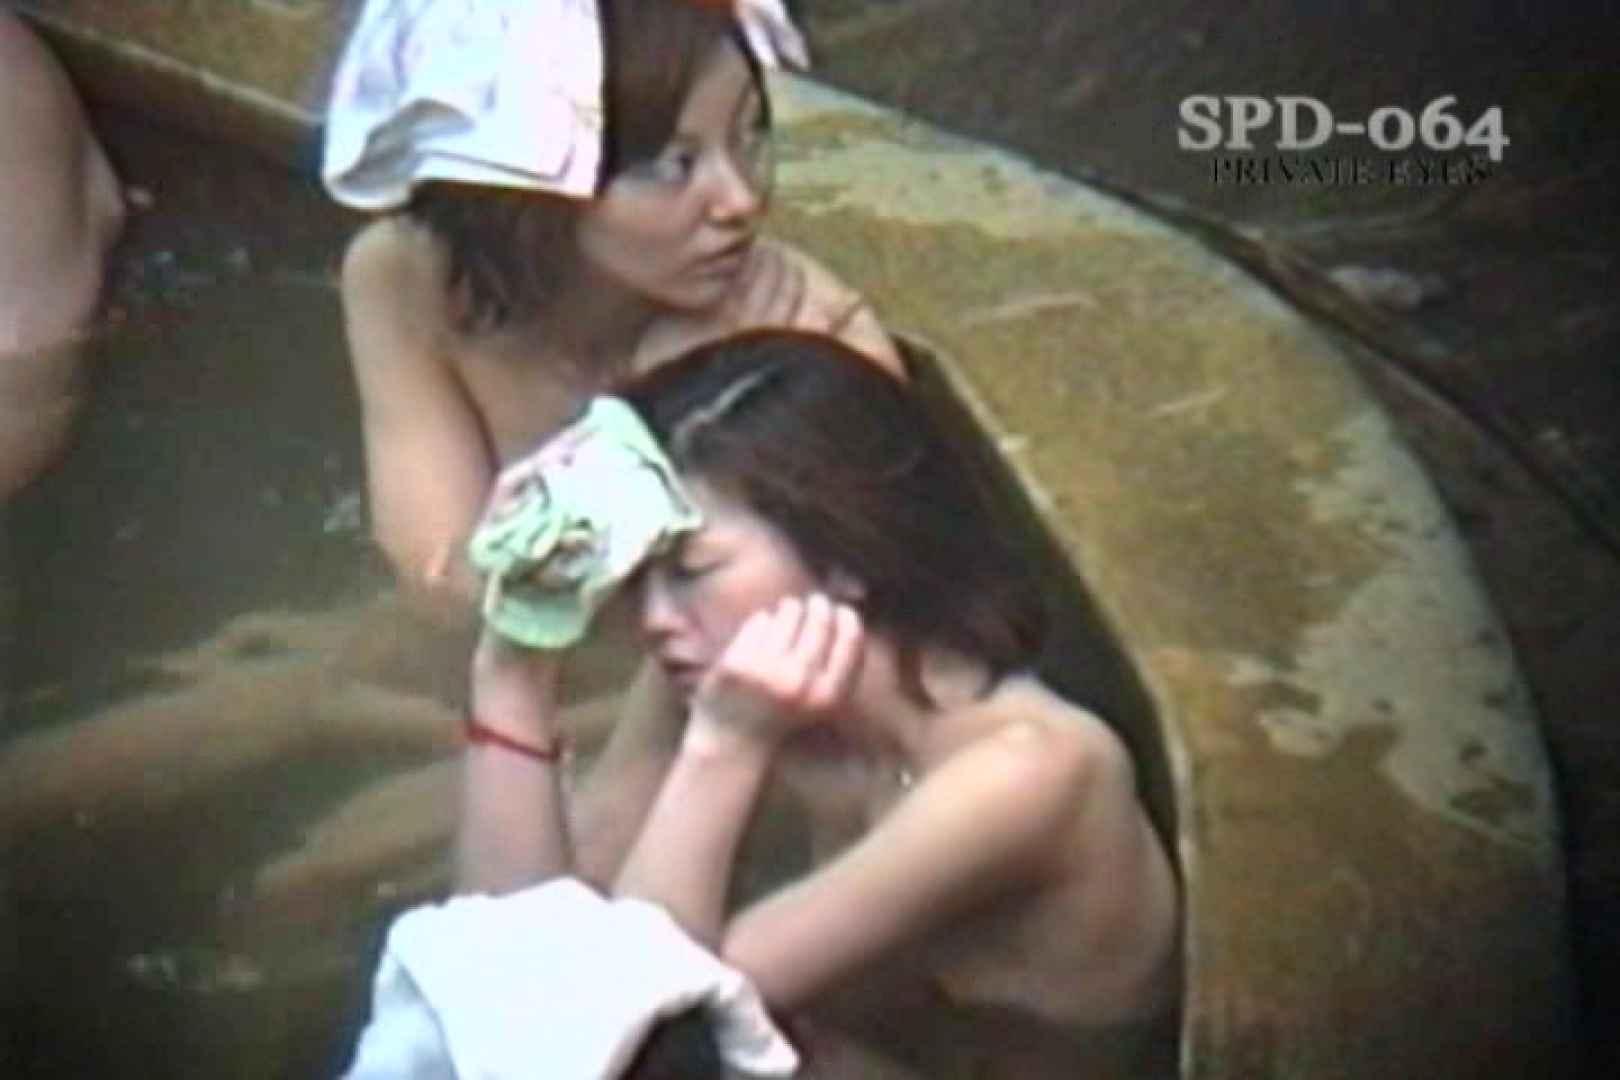 高画質版!SPD-064 盗撮 7 湯乙女の花びら 高画質 盗み撮りSEX無修正画像 59画像 28